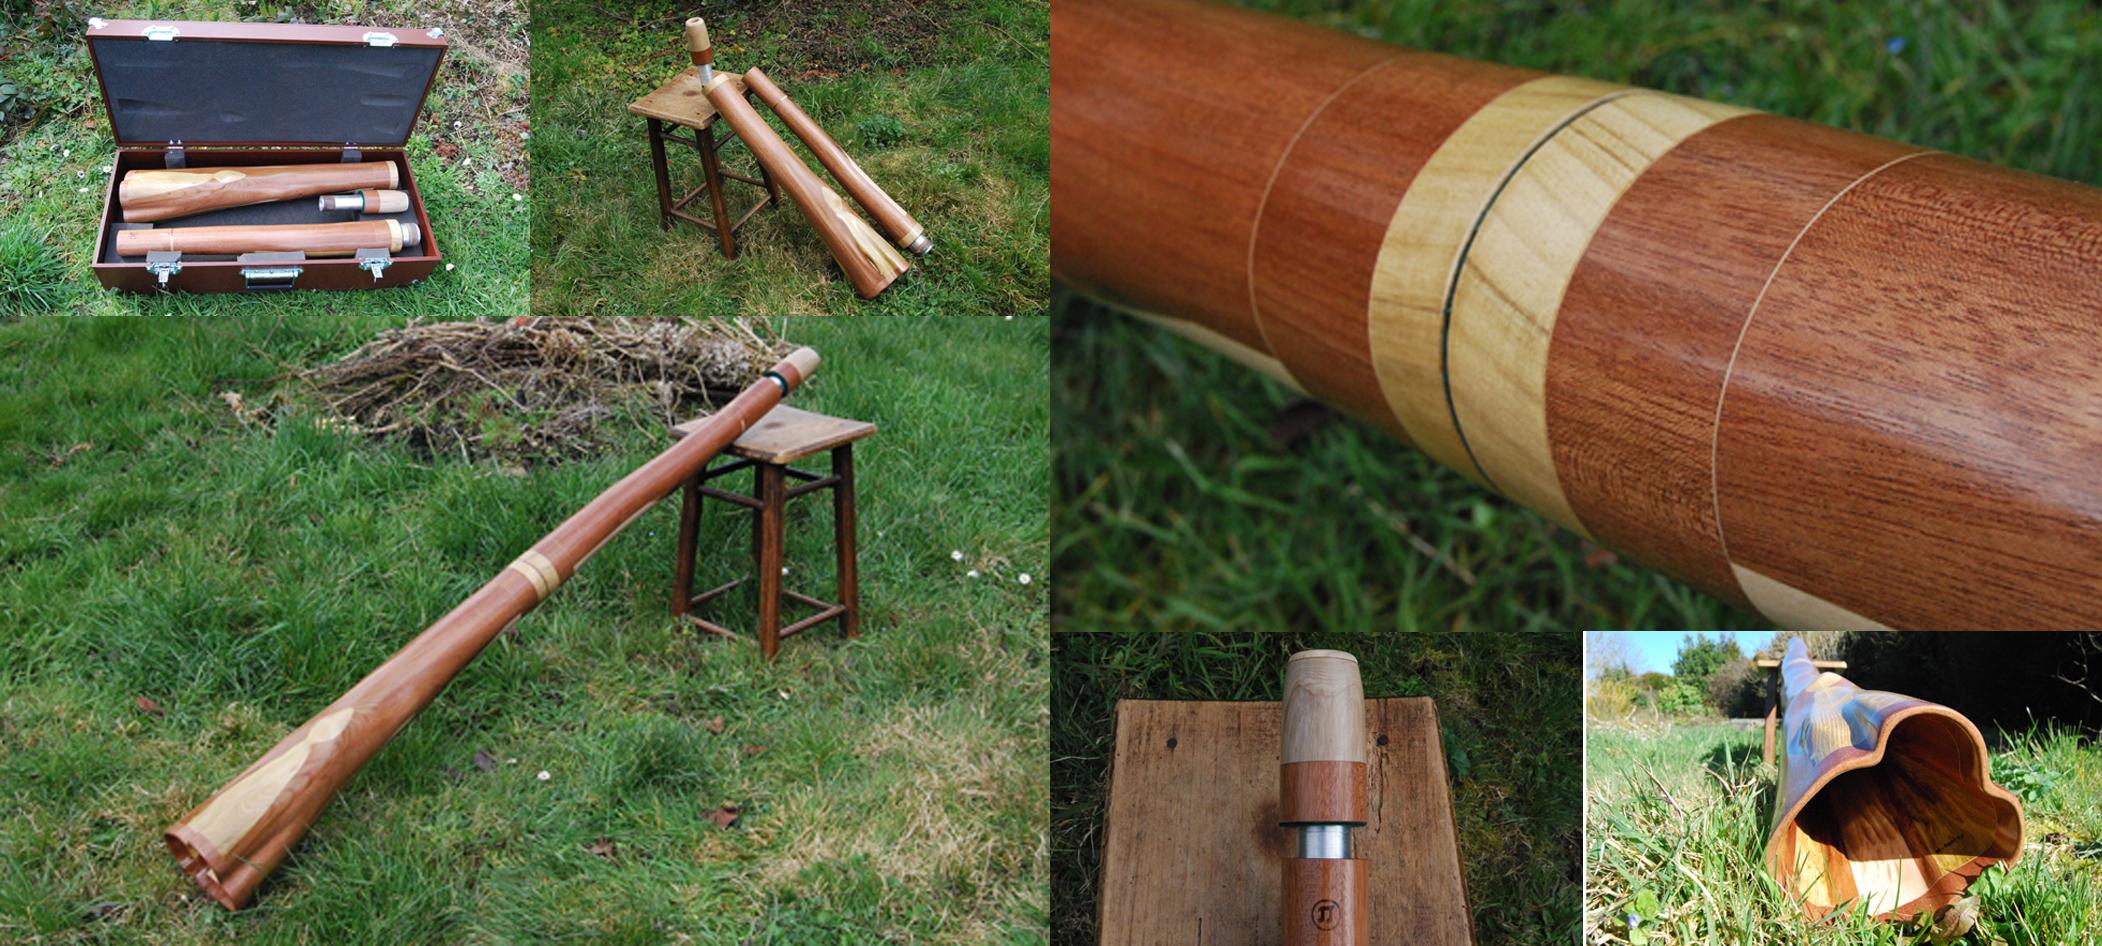 Pivert Didgeridoos - TnT_79